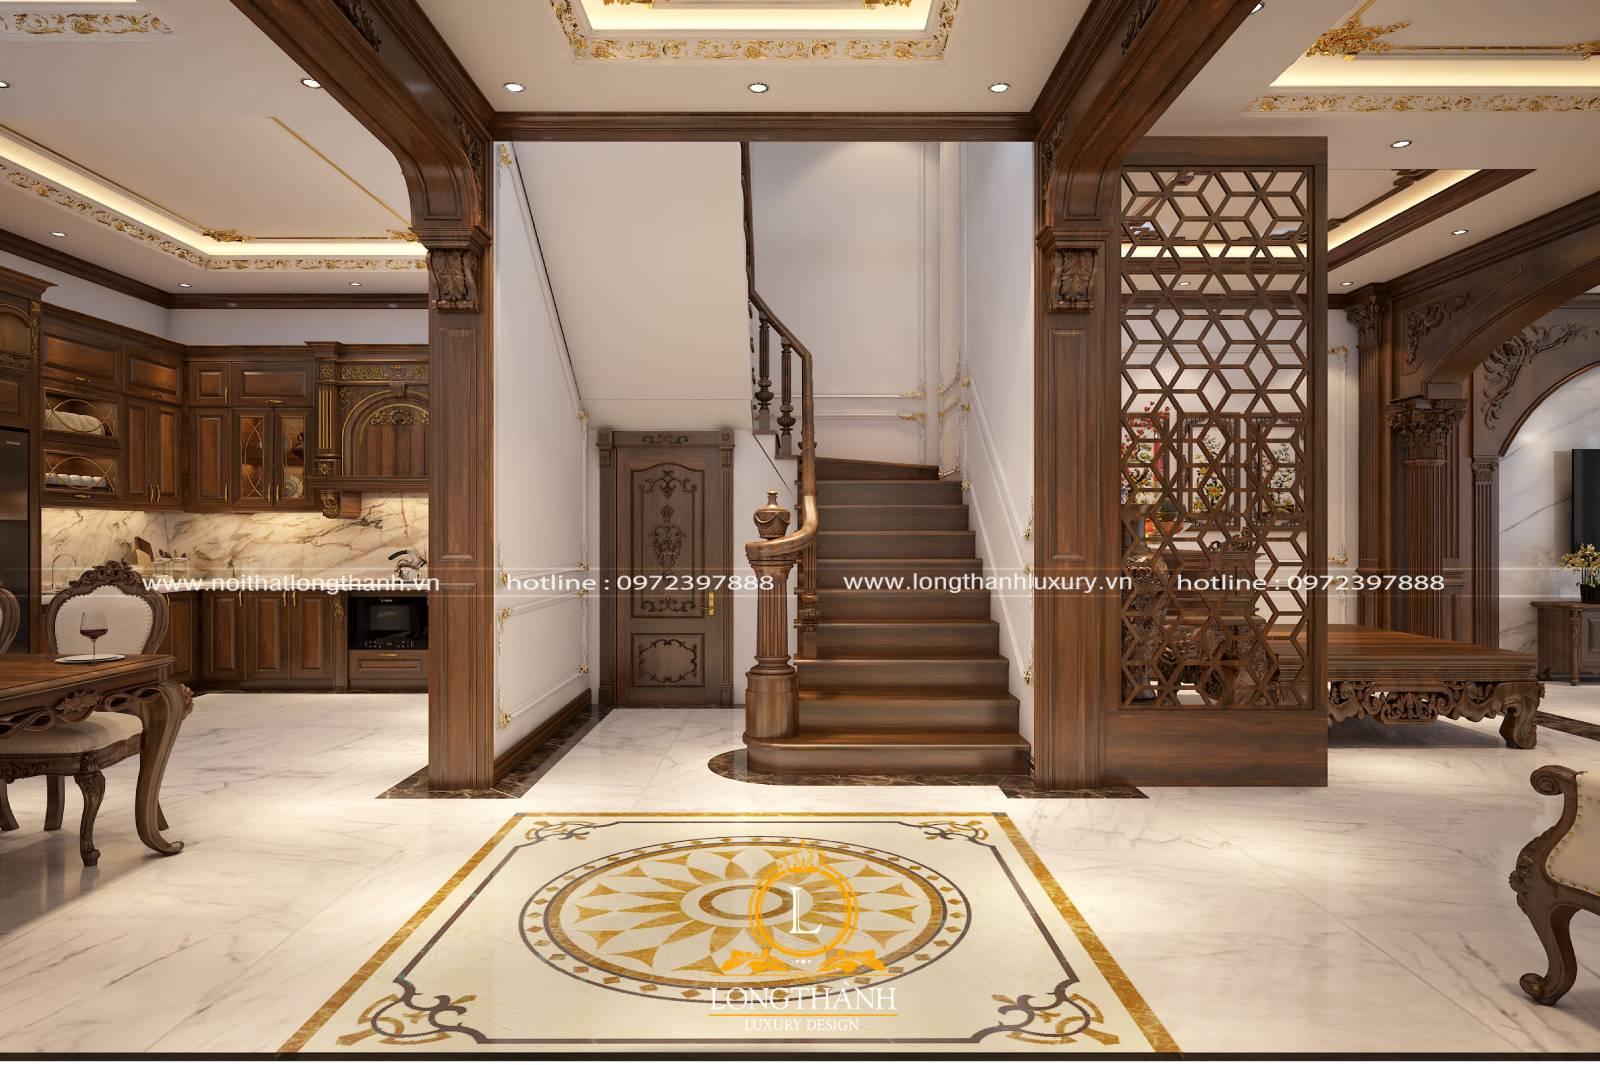 Thiết kế nội thất phòng khách có cầu thang theo phong cách tân cổ điển